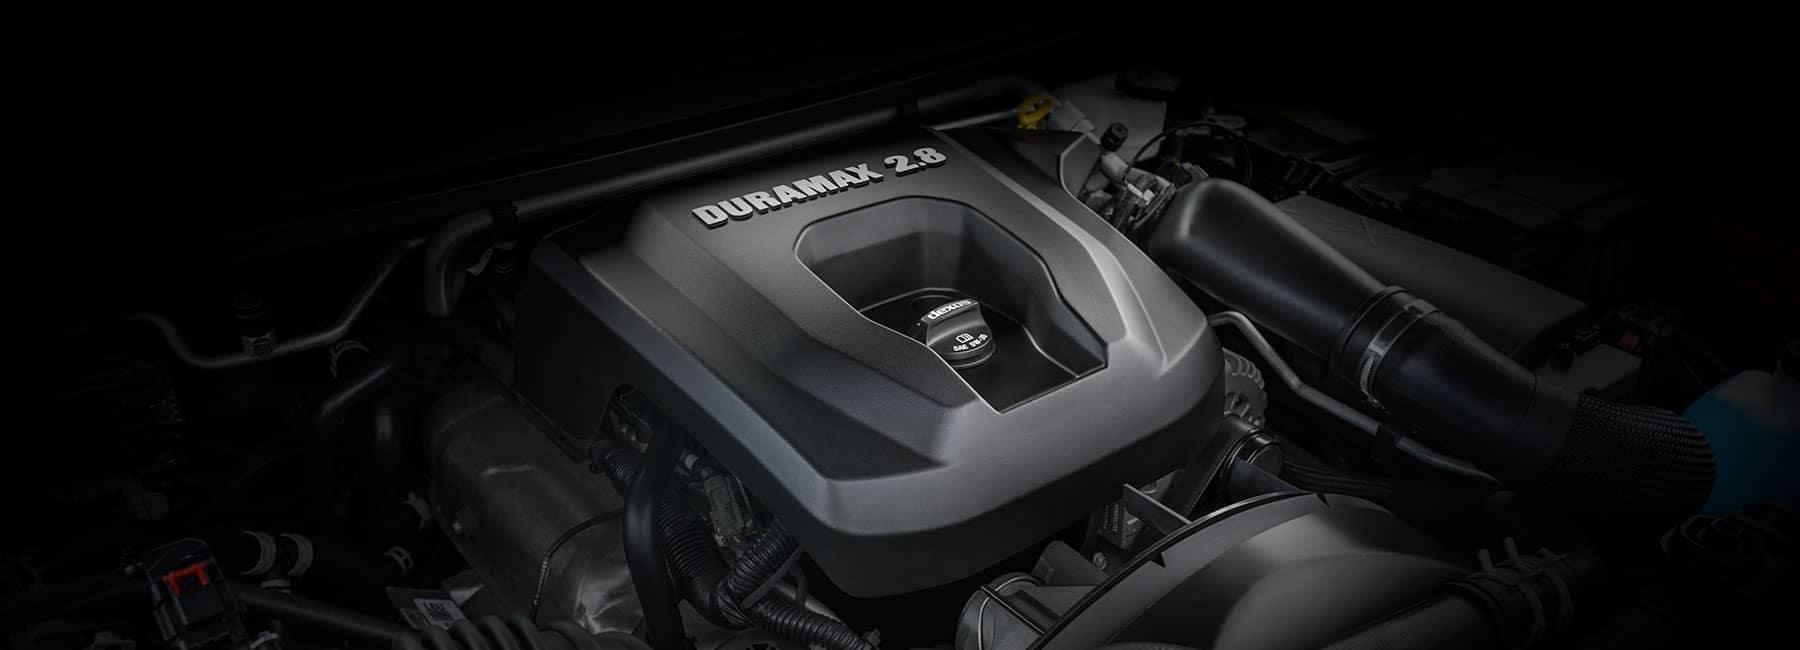 Chevrolet Duramax engine